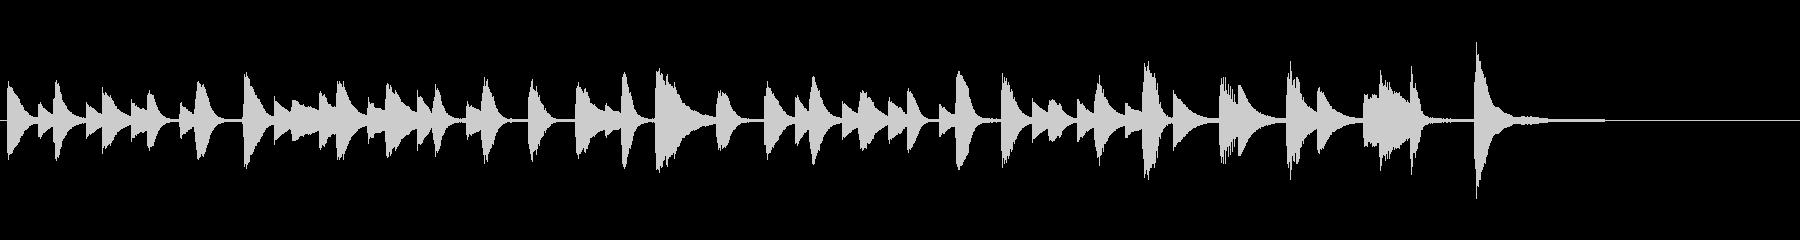 つたないピアノの可愛いジングルの未再生の波形